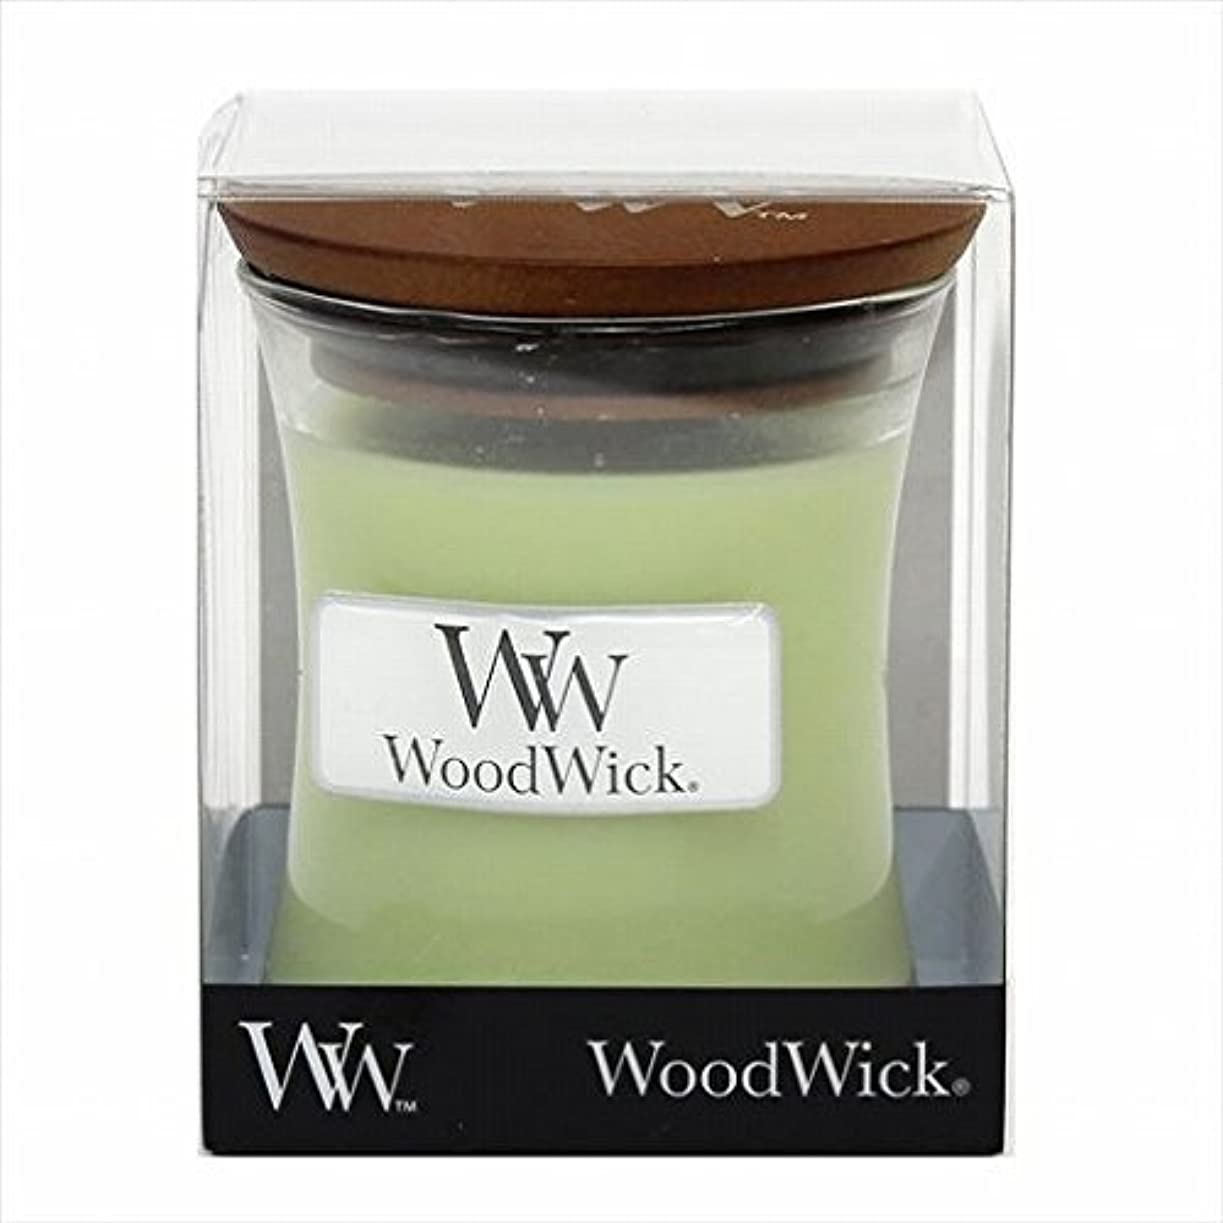 すでに租界ローラーカメヤマキャンドル(kameyama candle) Wood Wick ジャーS 「 ウィロー 」